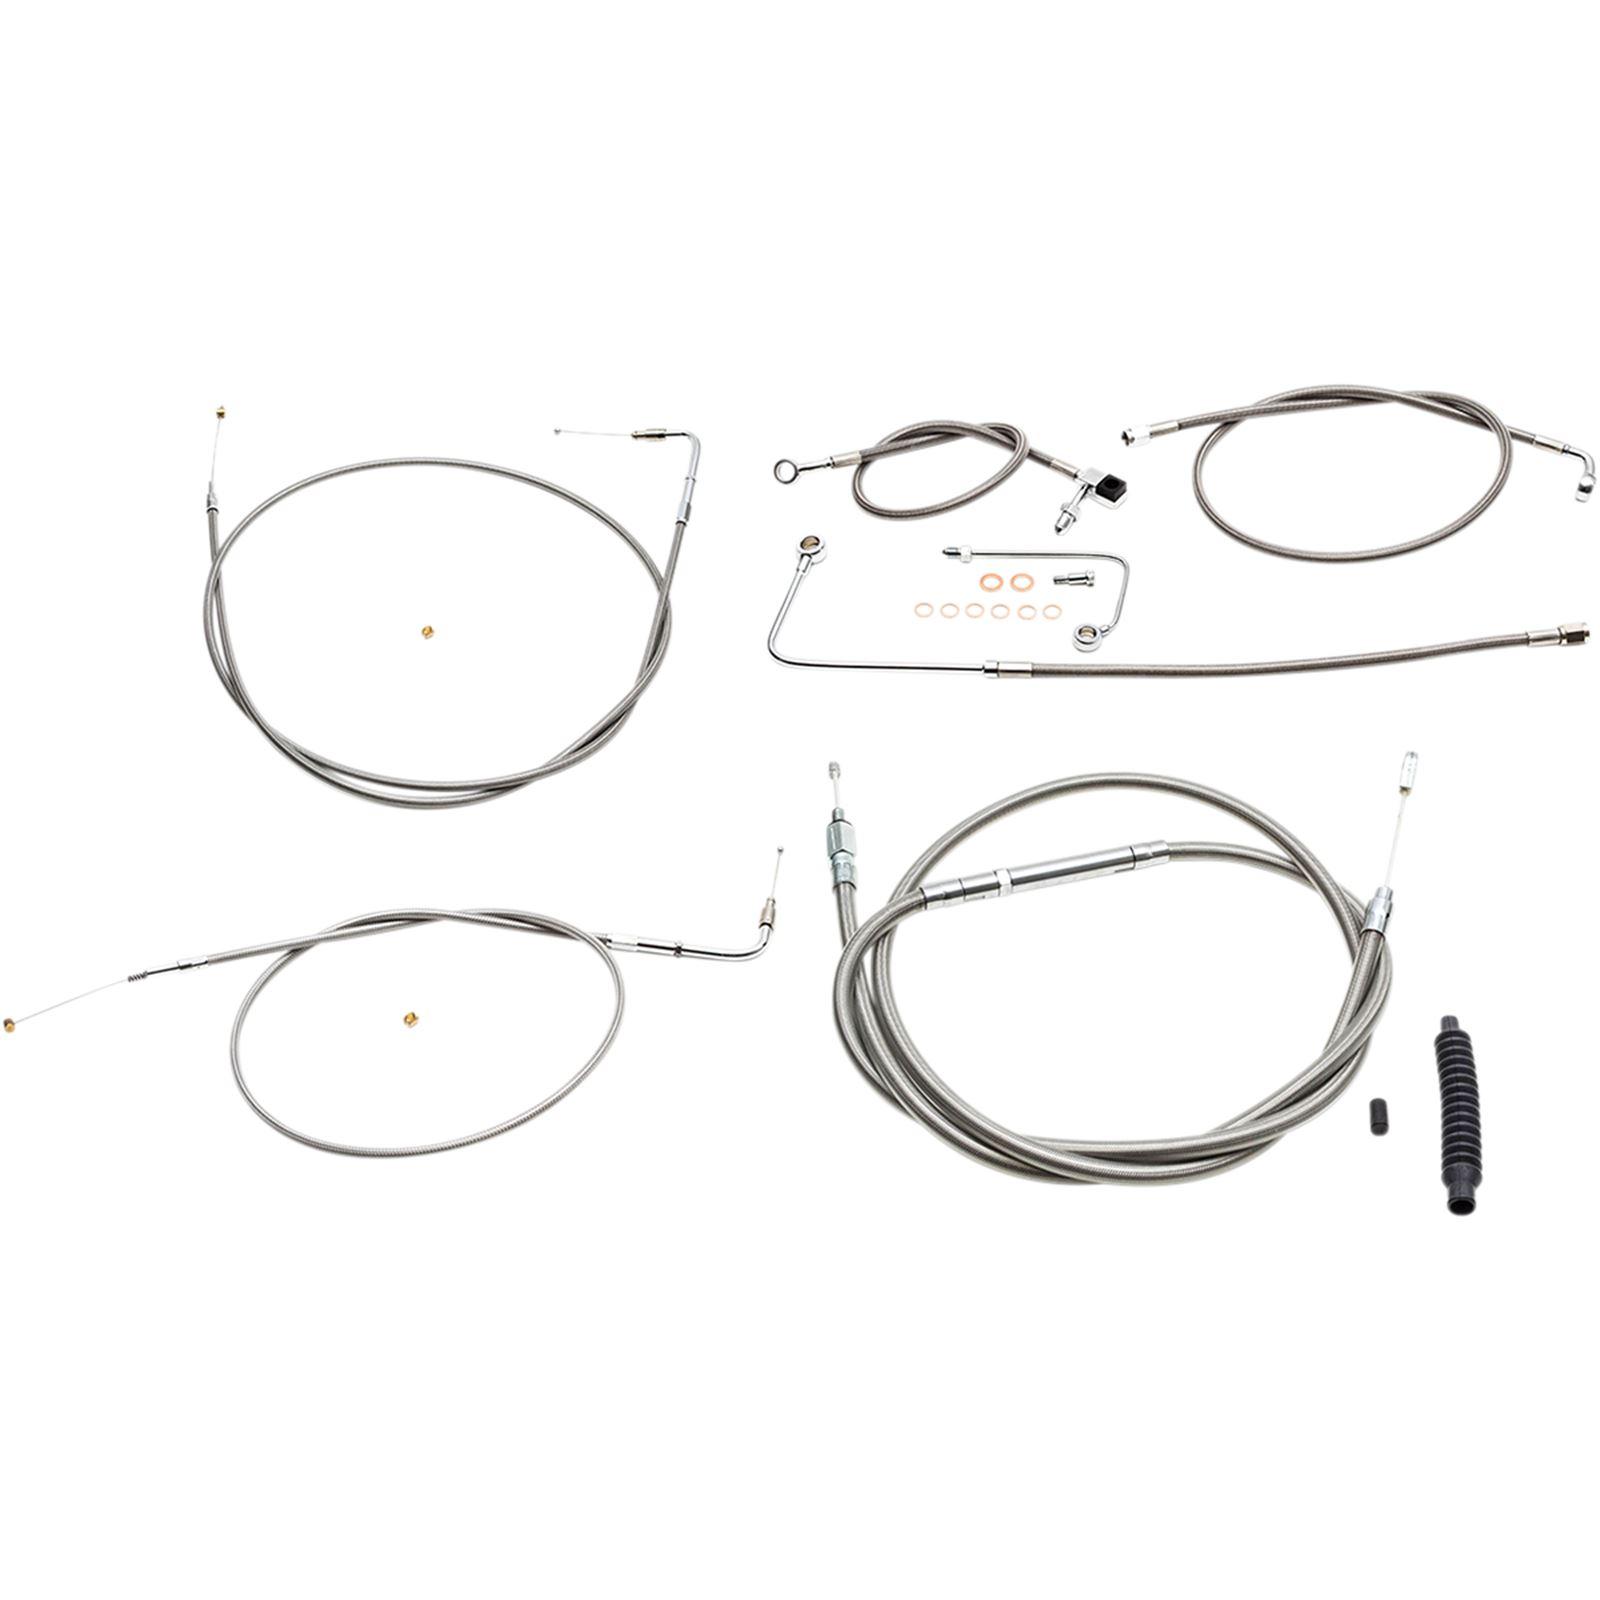 LA Choppers Standard Stainless Braided Handlebar Cable/Brake Line Kit For Beach Bar Handlebars